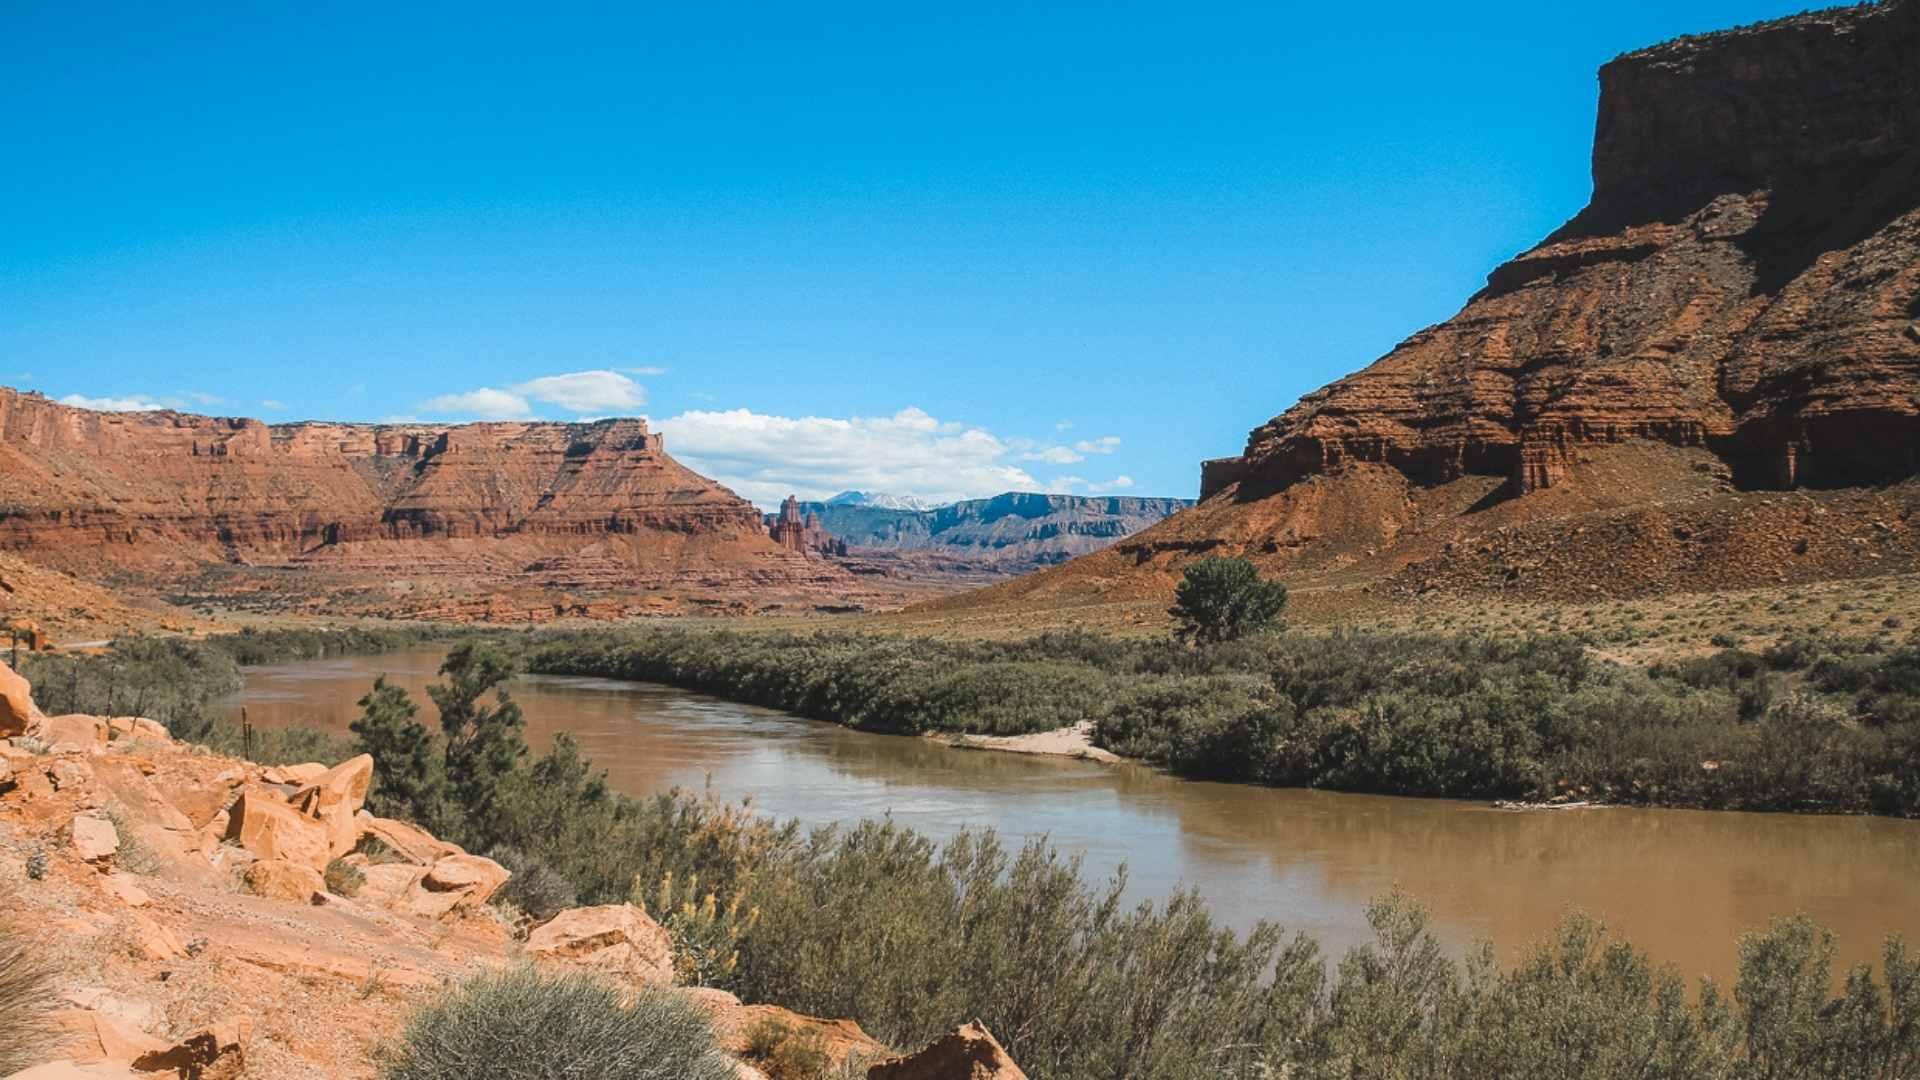 friend road trip Moab, Utah